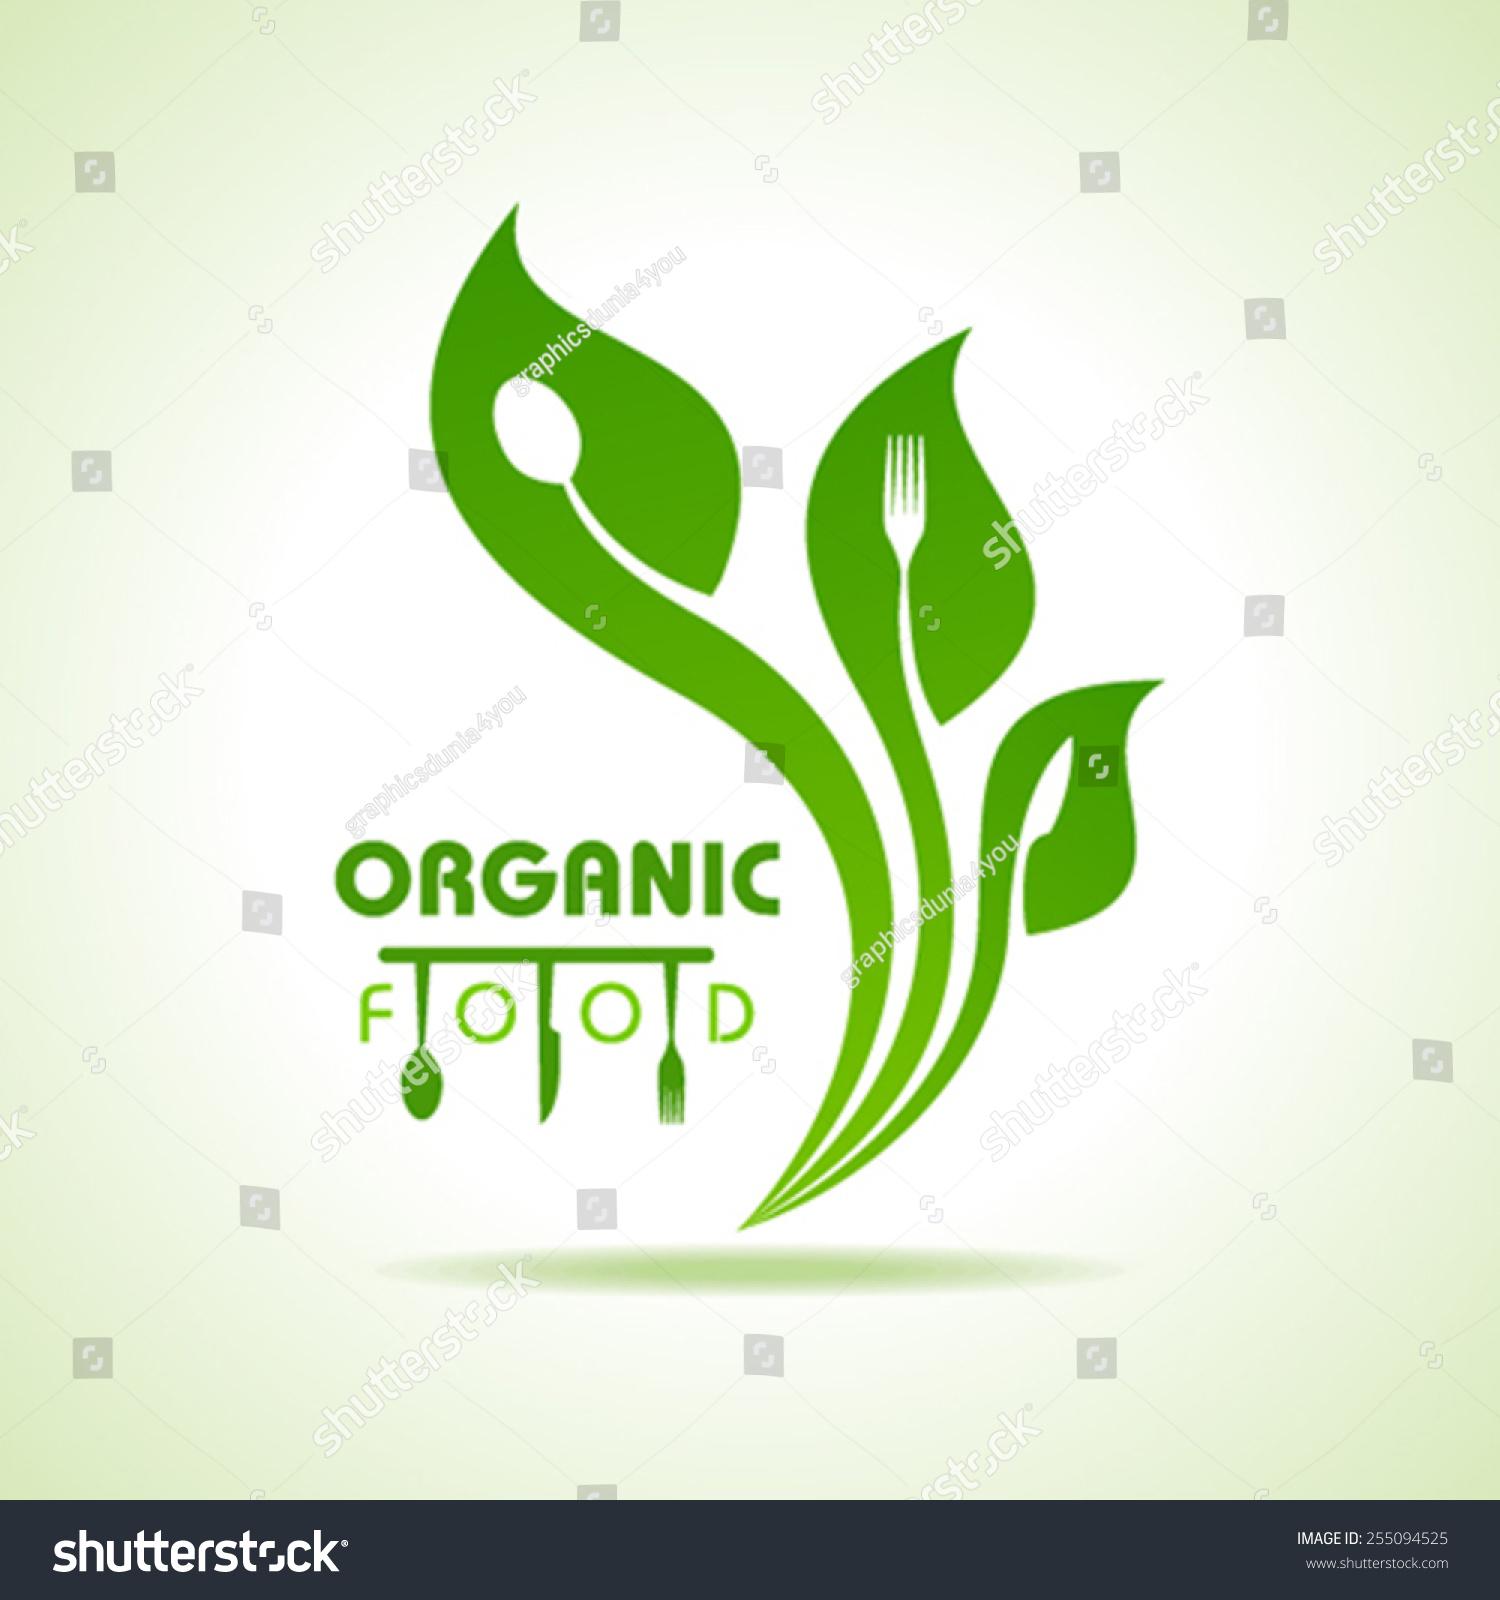 organic food kitchen utensils concept stock vector